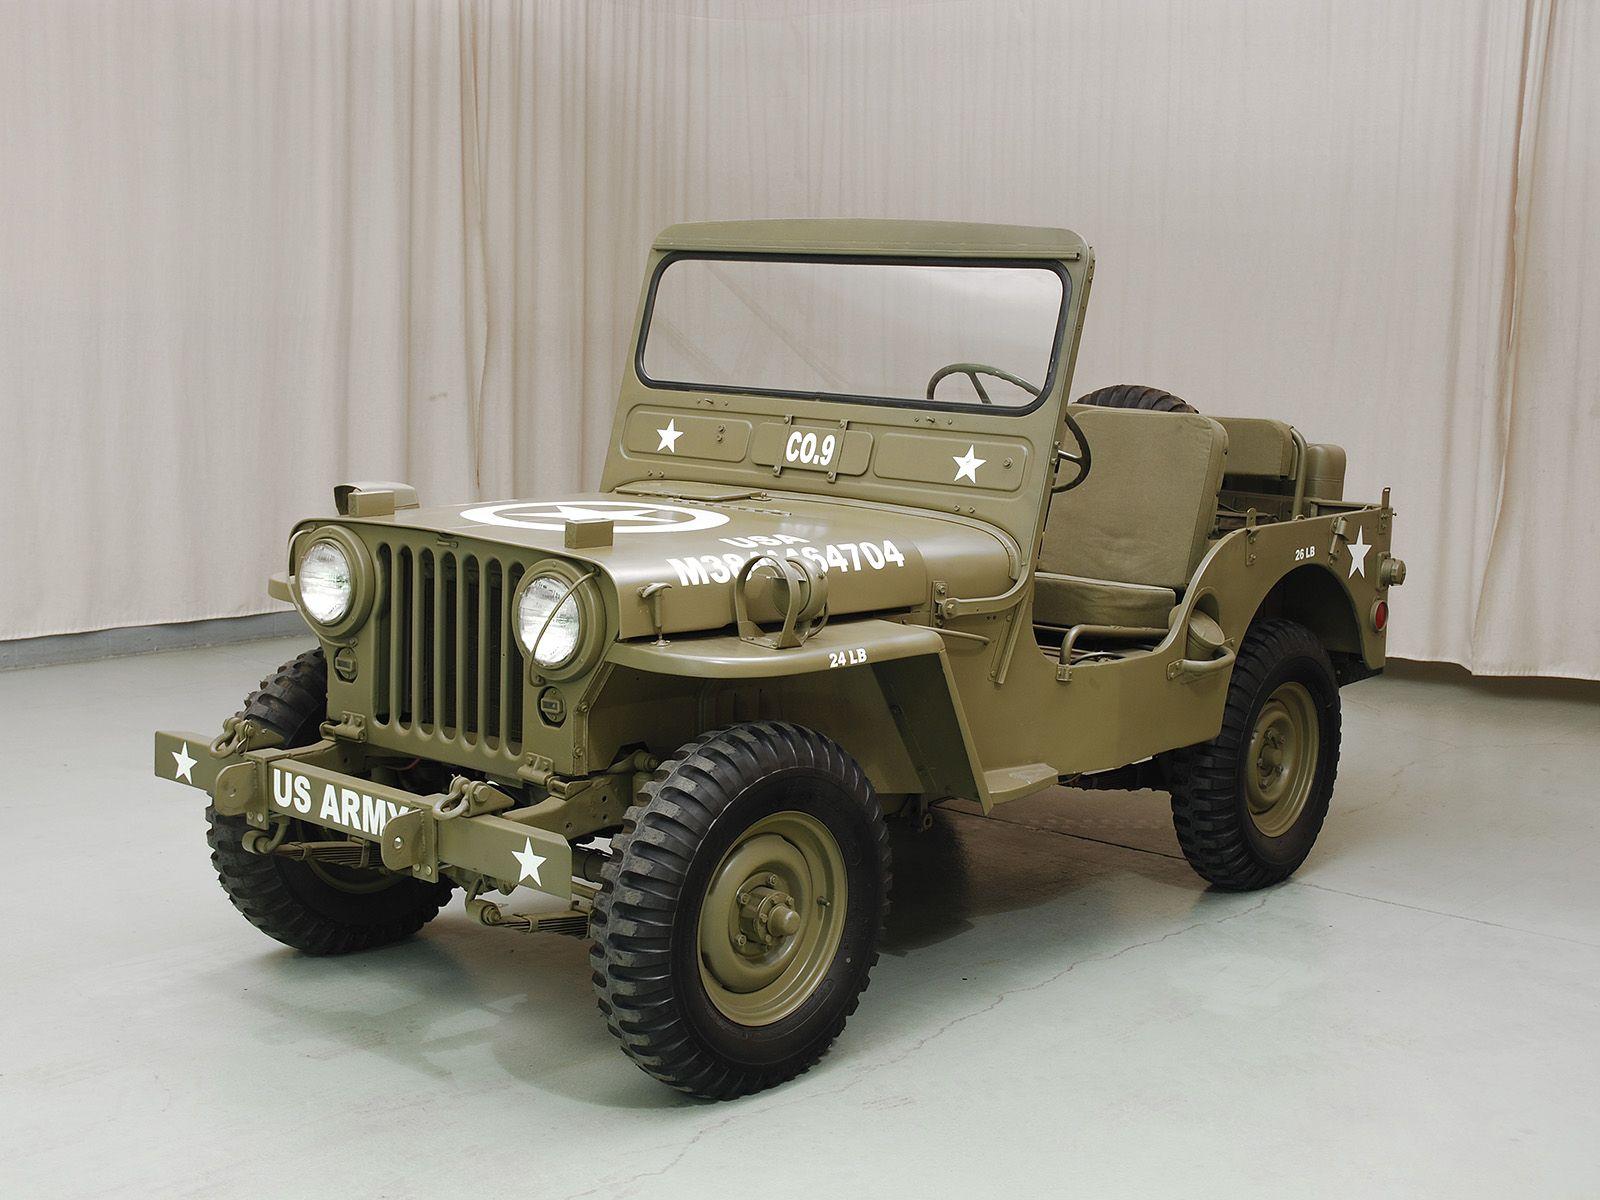 1950 Willys M38 Jeep - Hyman Ltd. Classic Cars   Jeep M38 ...